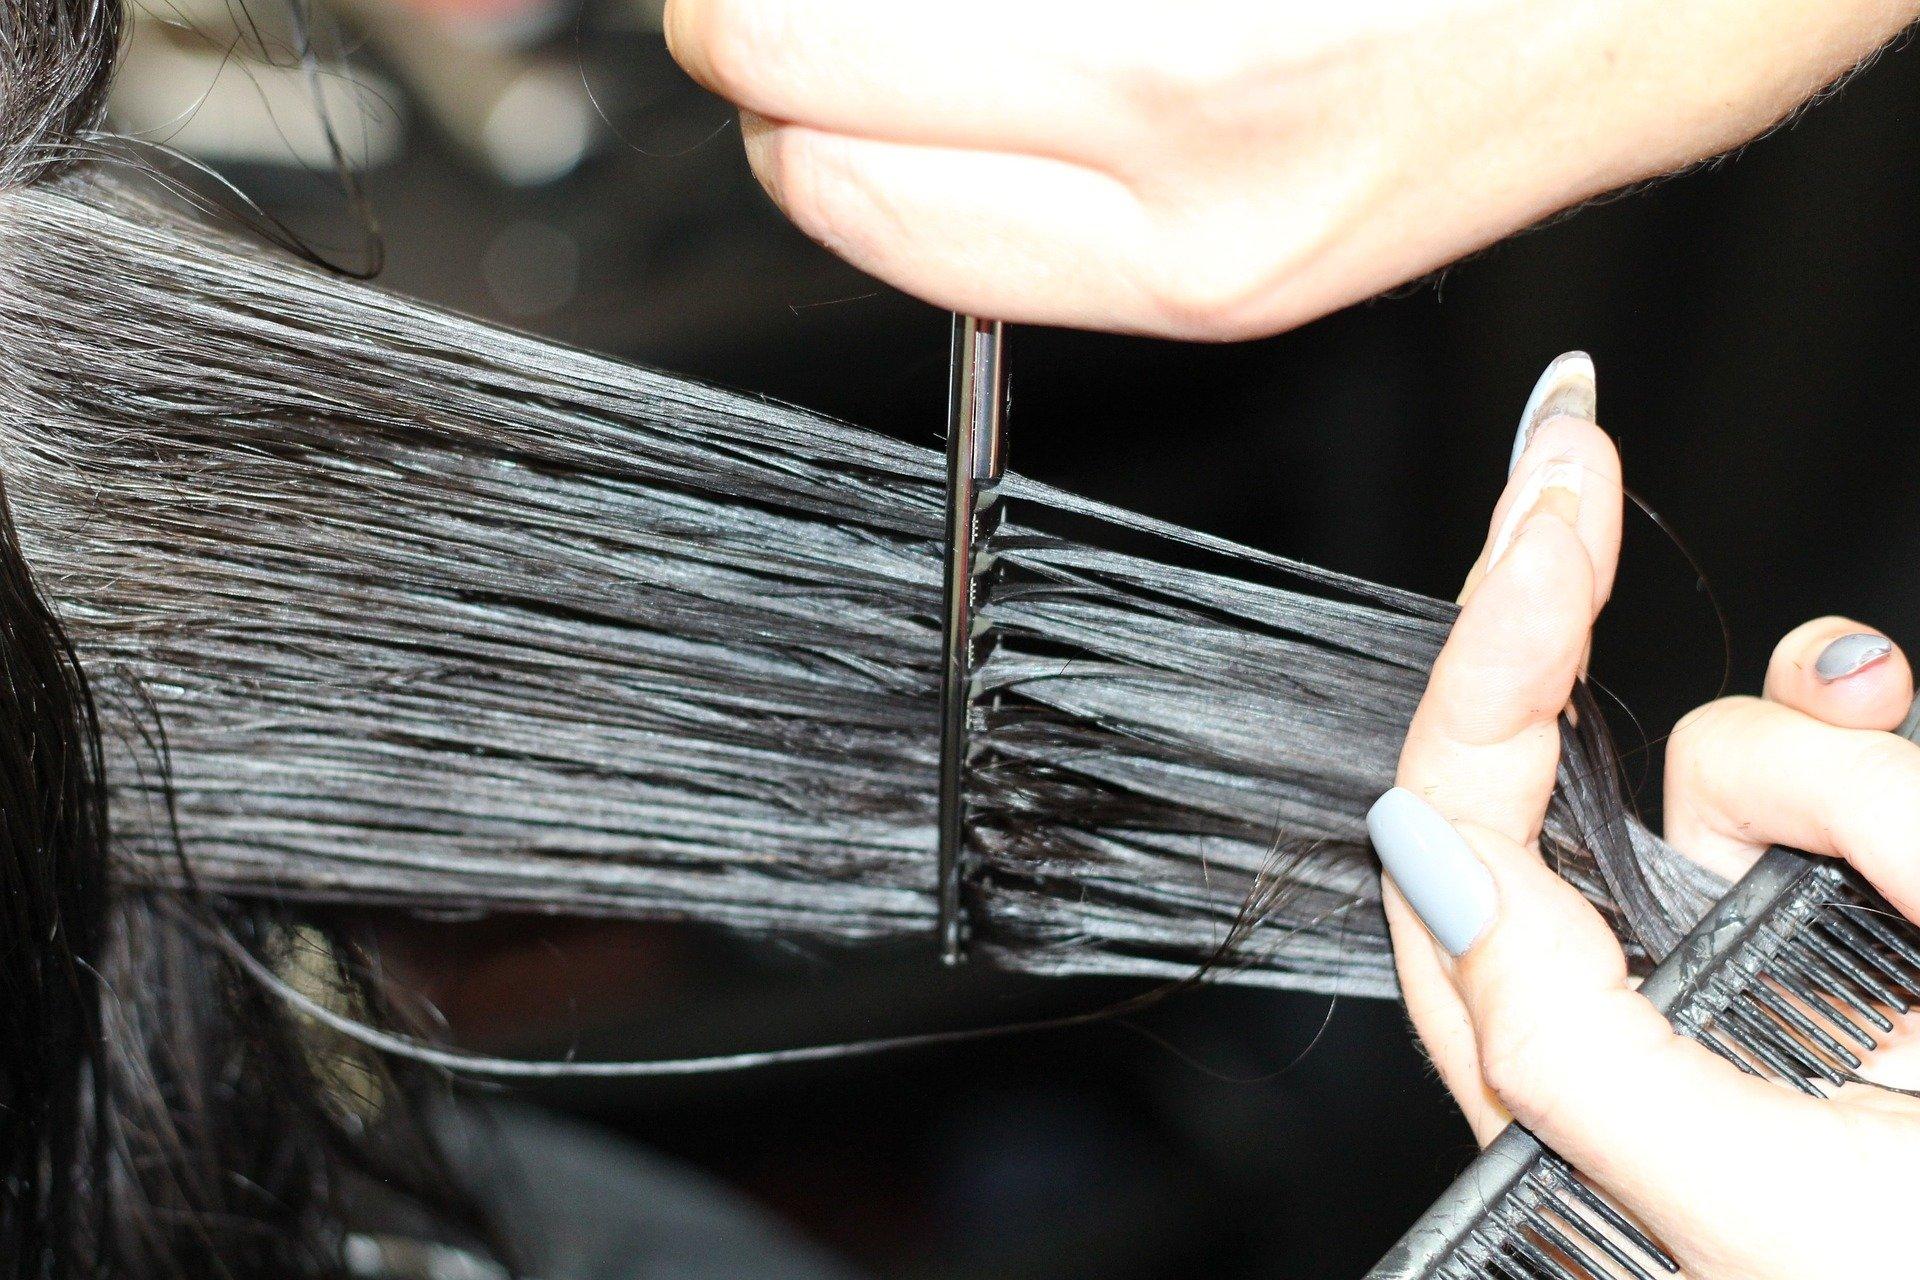 Mobilne usługi fryzjerskie